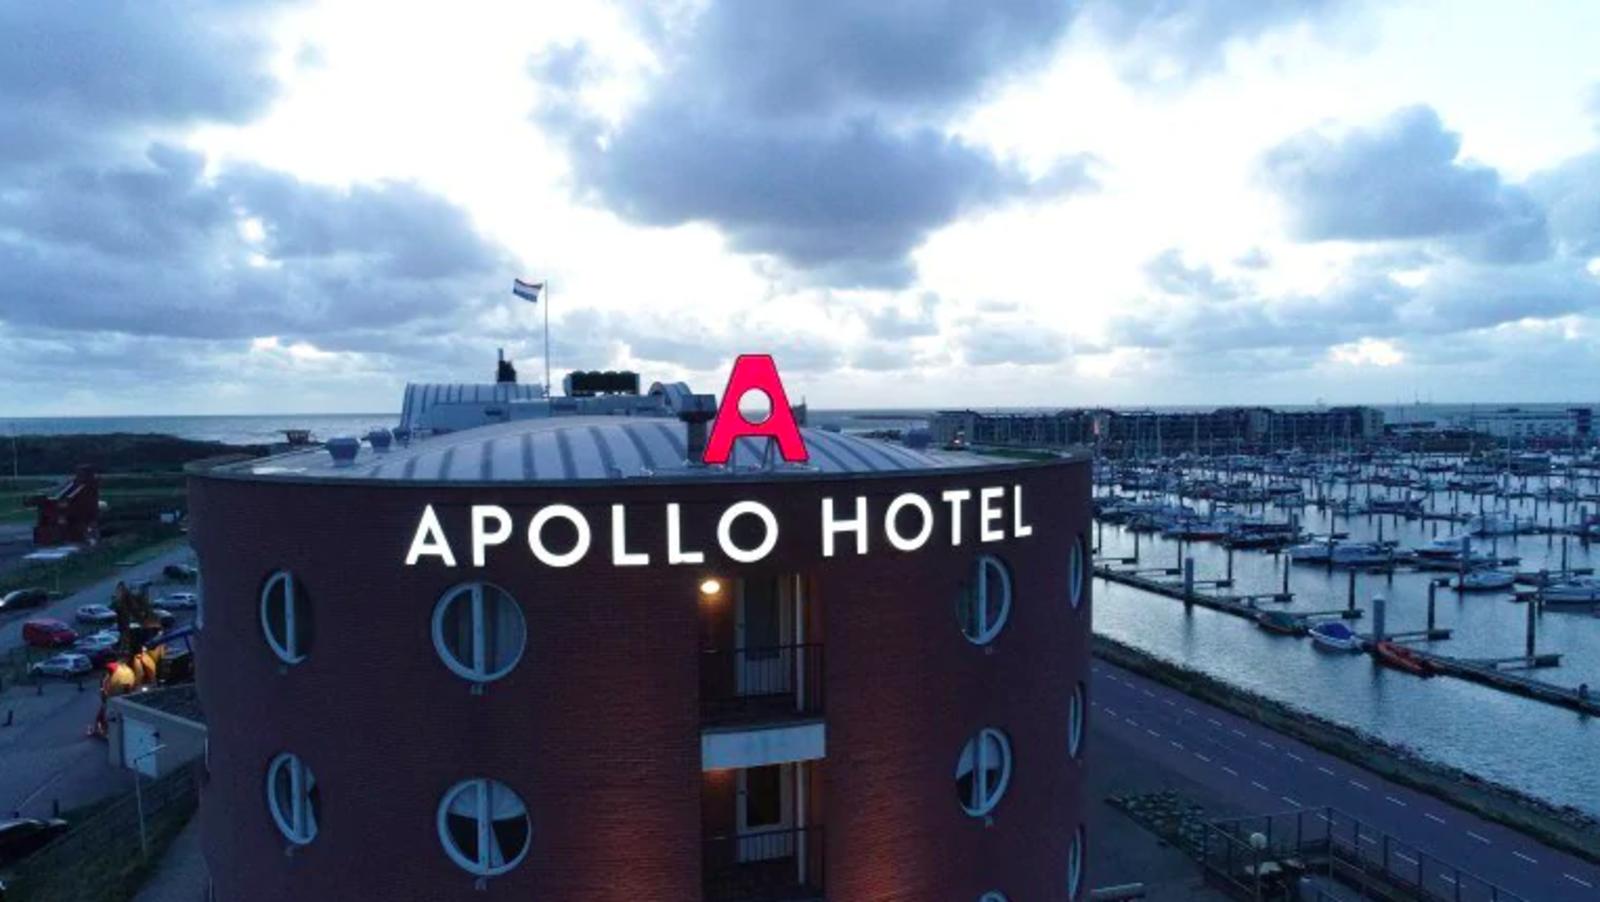 Apollo Hotel IJmuiden Seaport Beach, Partner, Voordeeluitjes